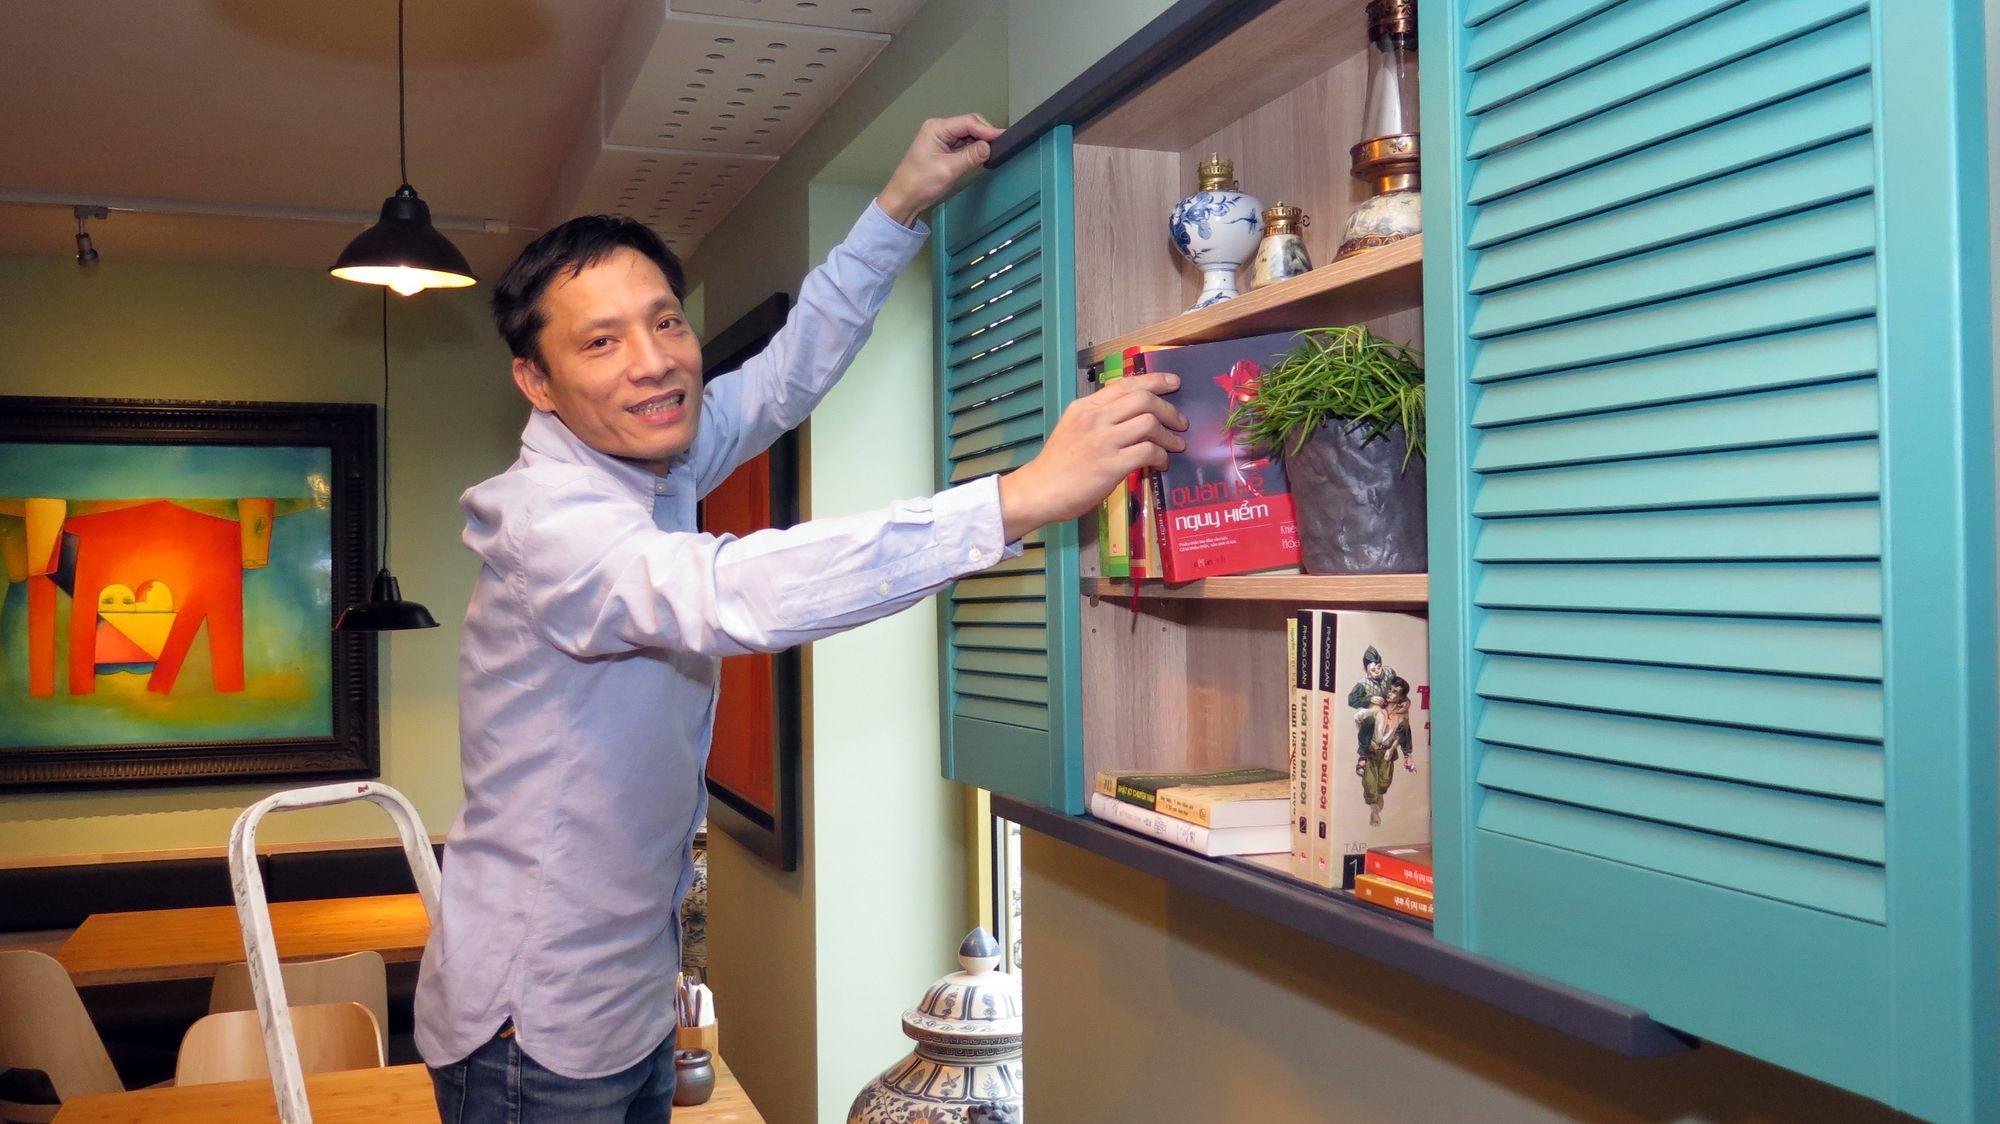 Letzte Vorbereitungen: Hai Phan rückt die Bücher im Regal zurecht.